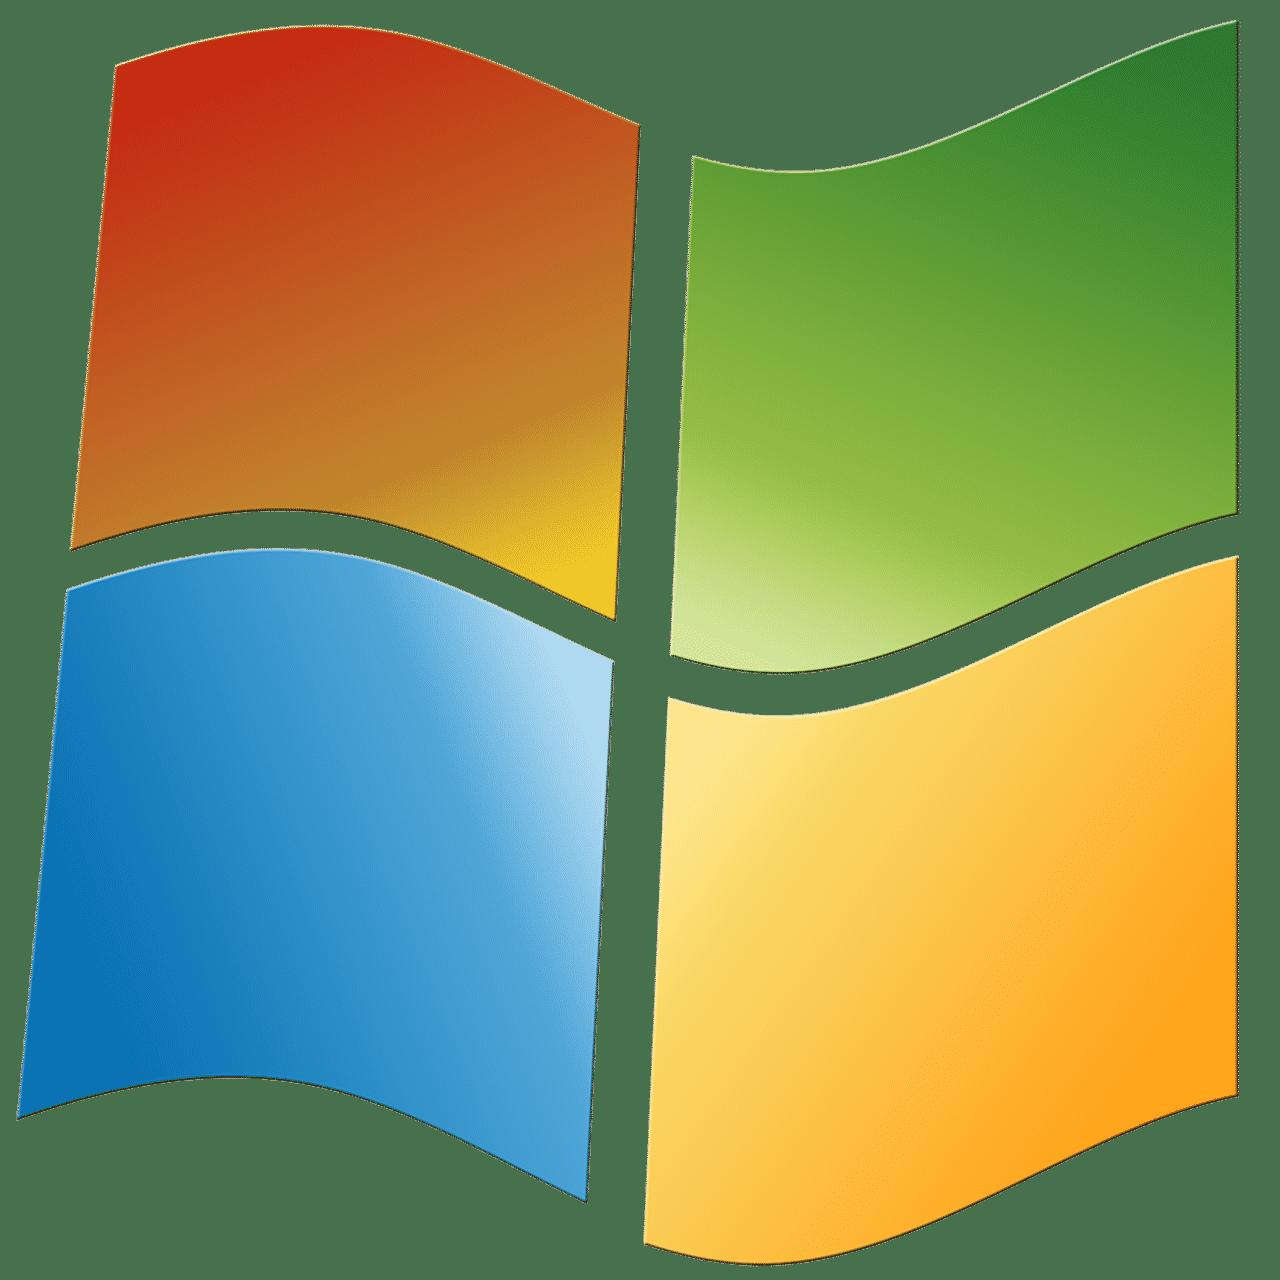 Microsoft-Chef beschuldigt Russland eines äußerst gefährlichen Cyberangriffs